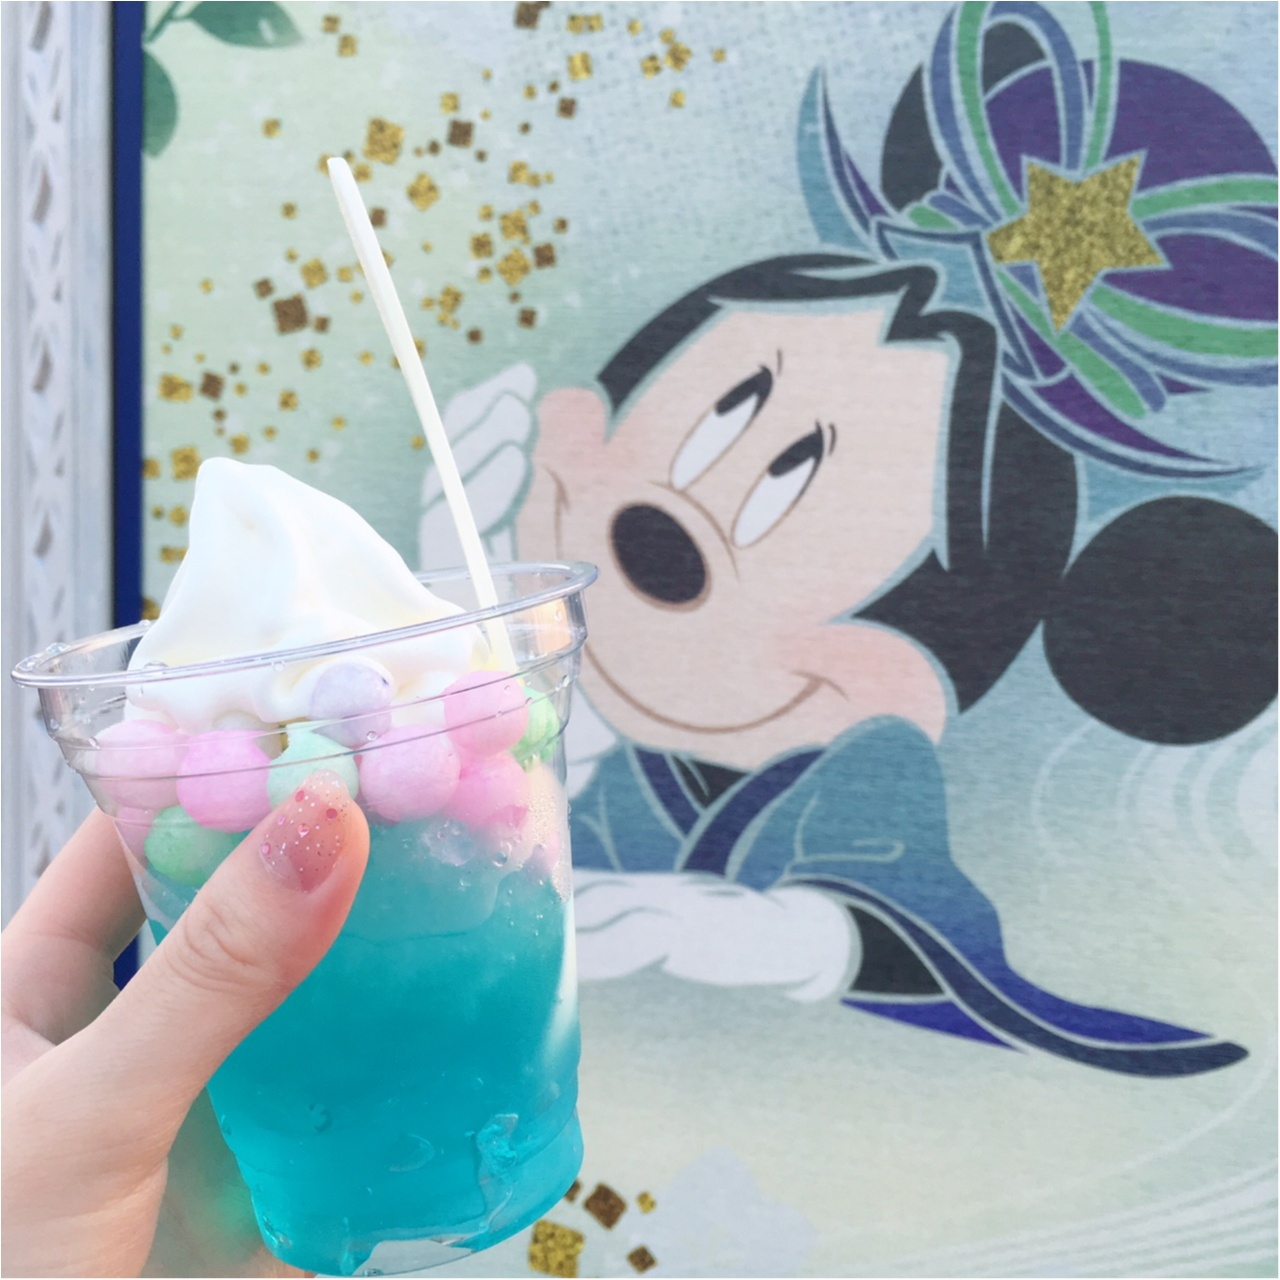 七夕限定♡ディズニーリゾートの《クリーム・シェイブアイス》がフォトジェニックでおいしすぎる!_1